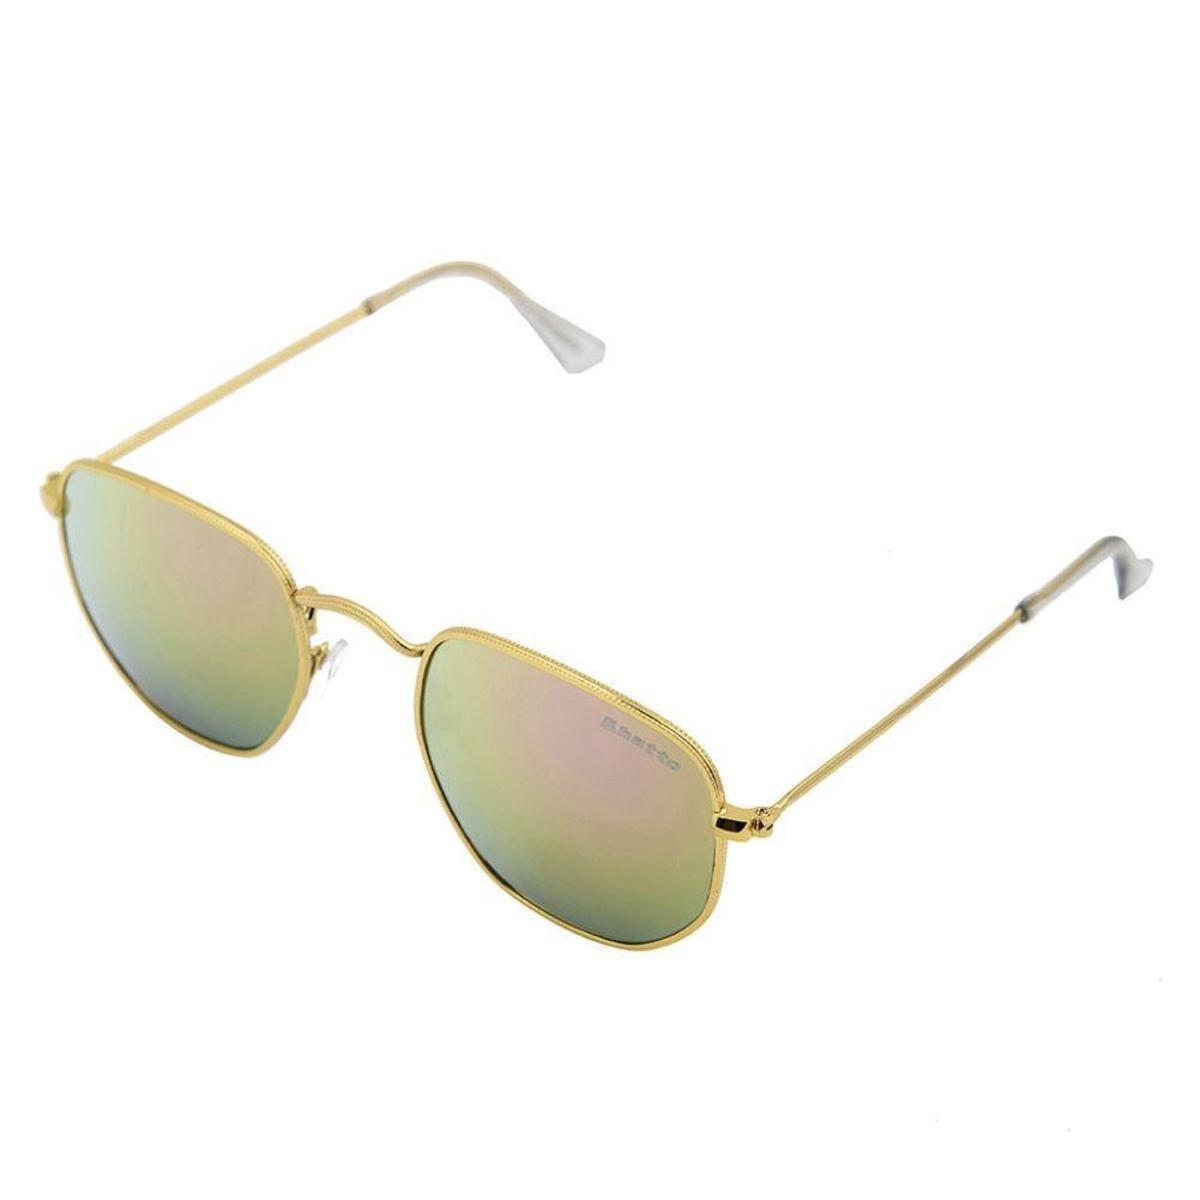 67dbe4755cea4 Óculos de Sol Khatto Fusion Round Feminino - Compre Agora   Zattini